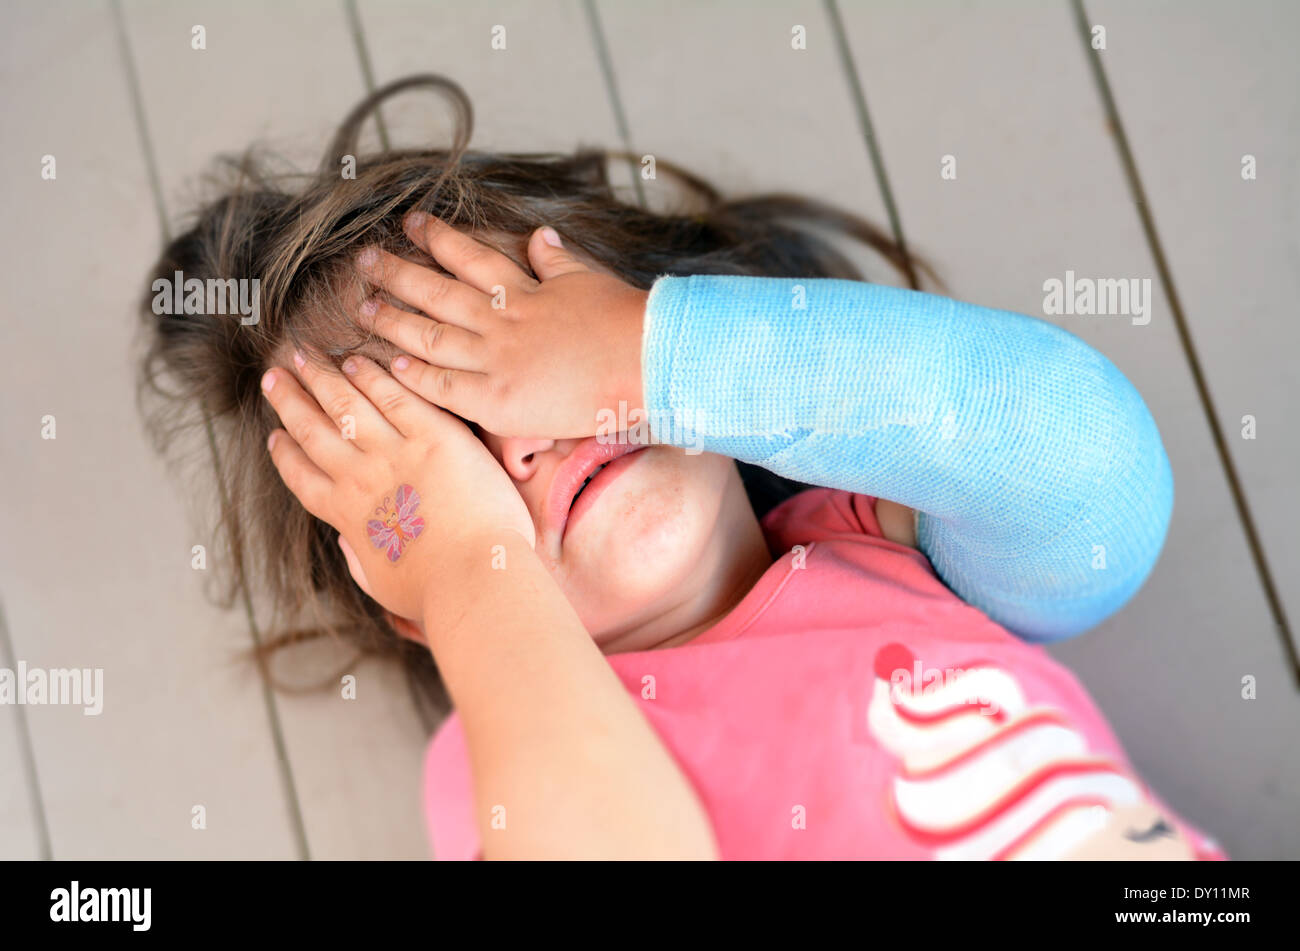 Abusato della bambina con un braccio rotto che copre la faccia qui durante il pianto. Concetto foto di abusi nei confronti dei bambini, violenza domestica Immagini Stock